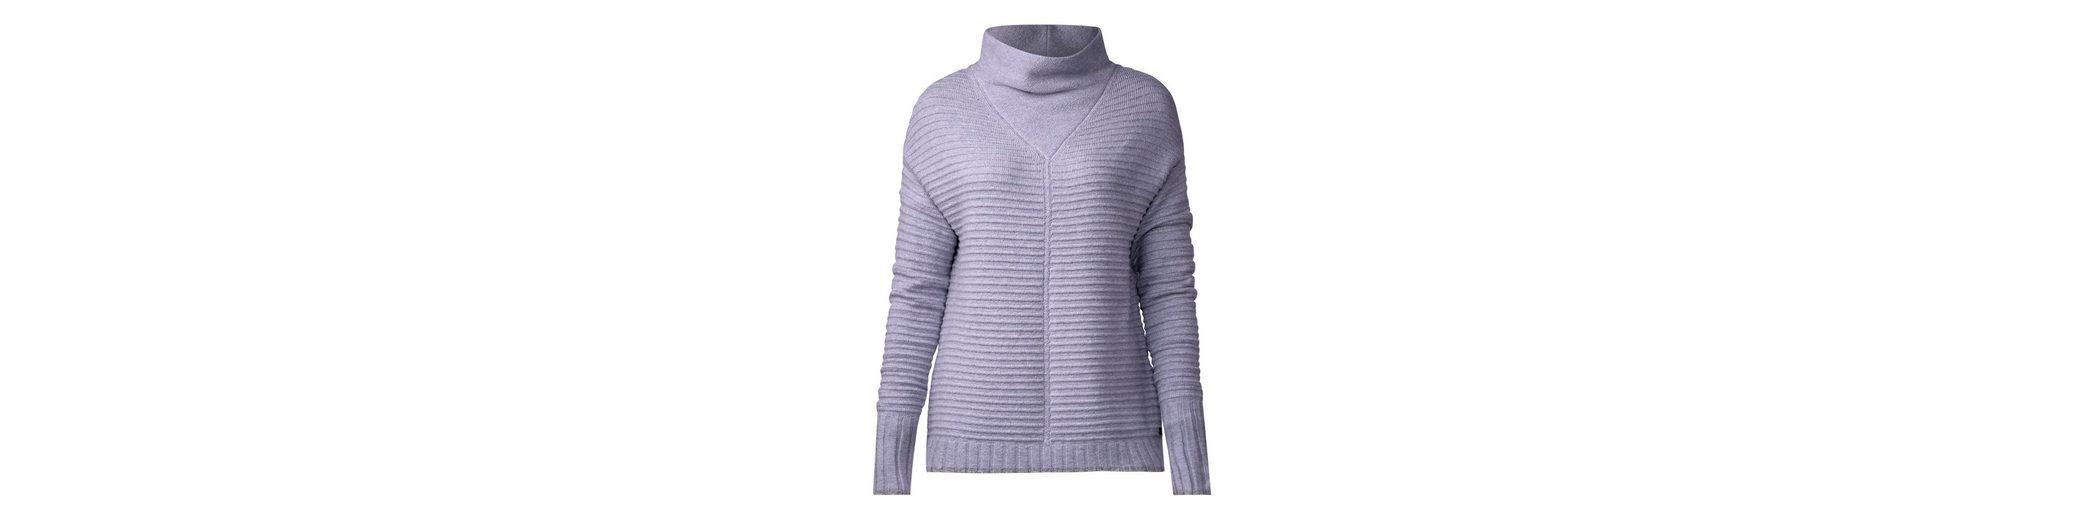 CECIL Streifen Stehkragen Pullover Einkaufen Genießen 3kXWS2JDhS